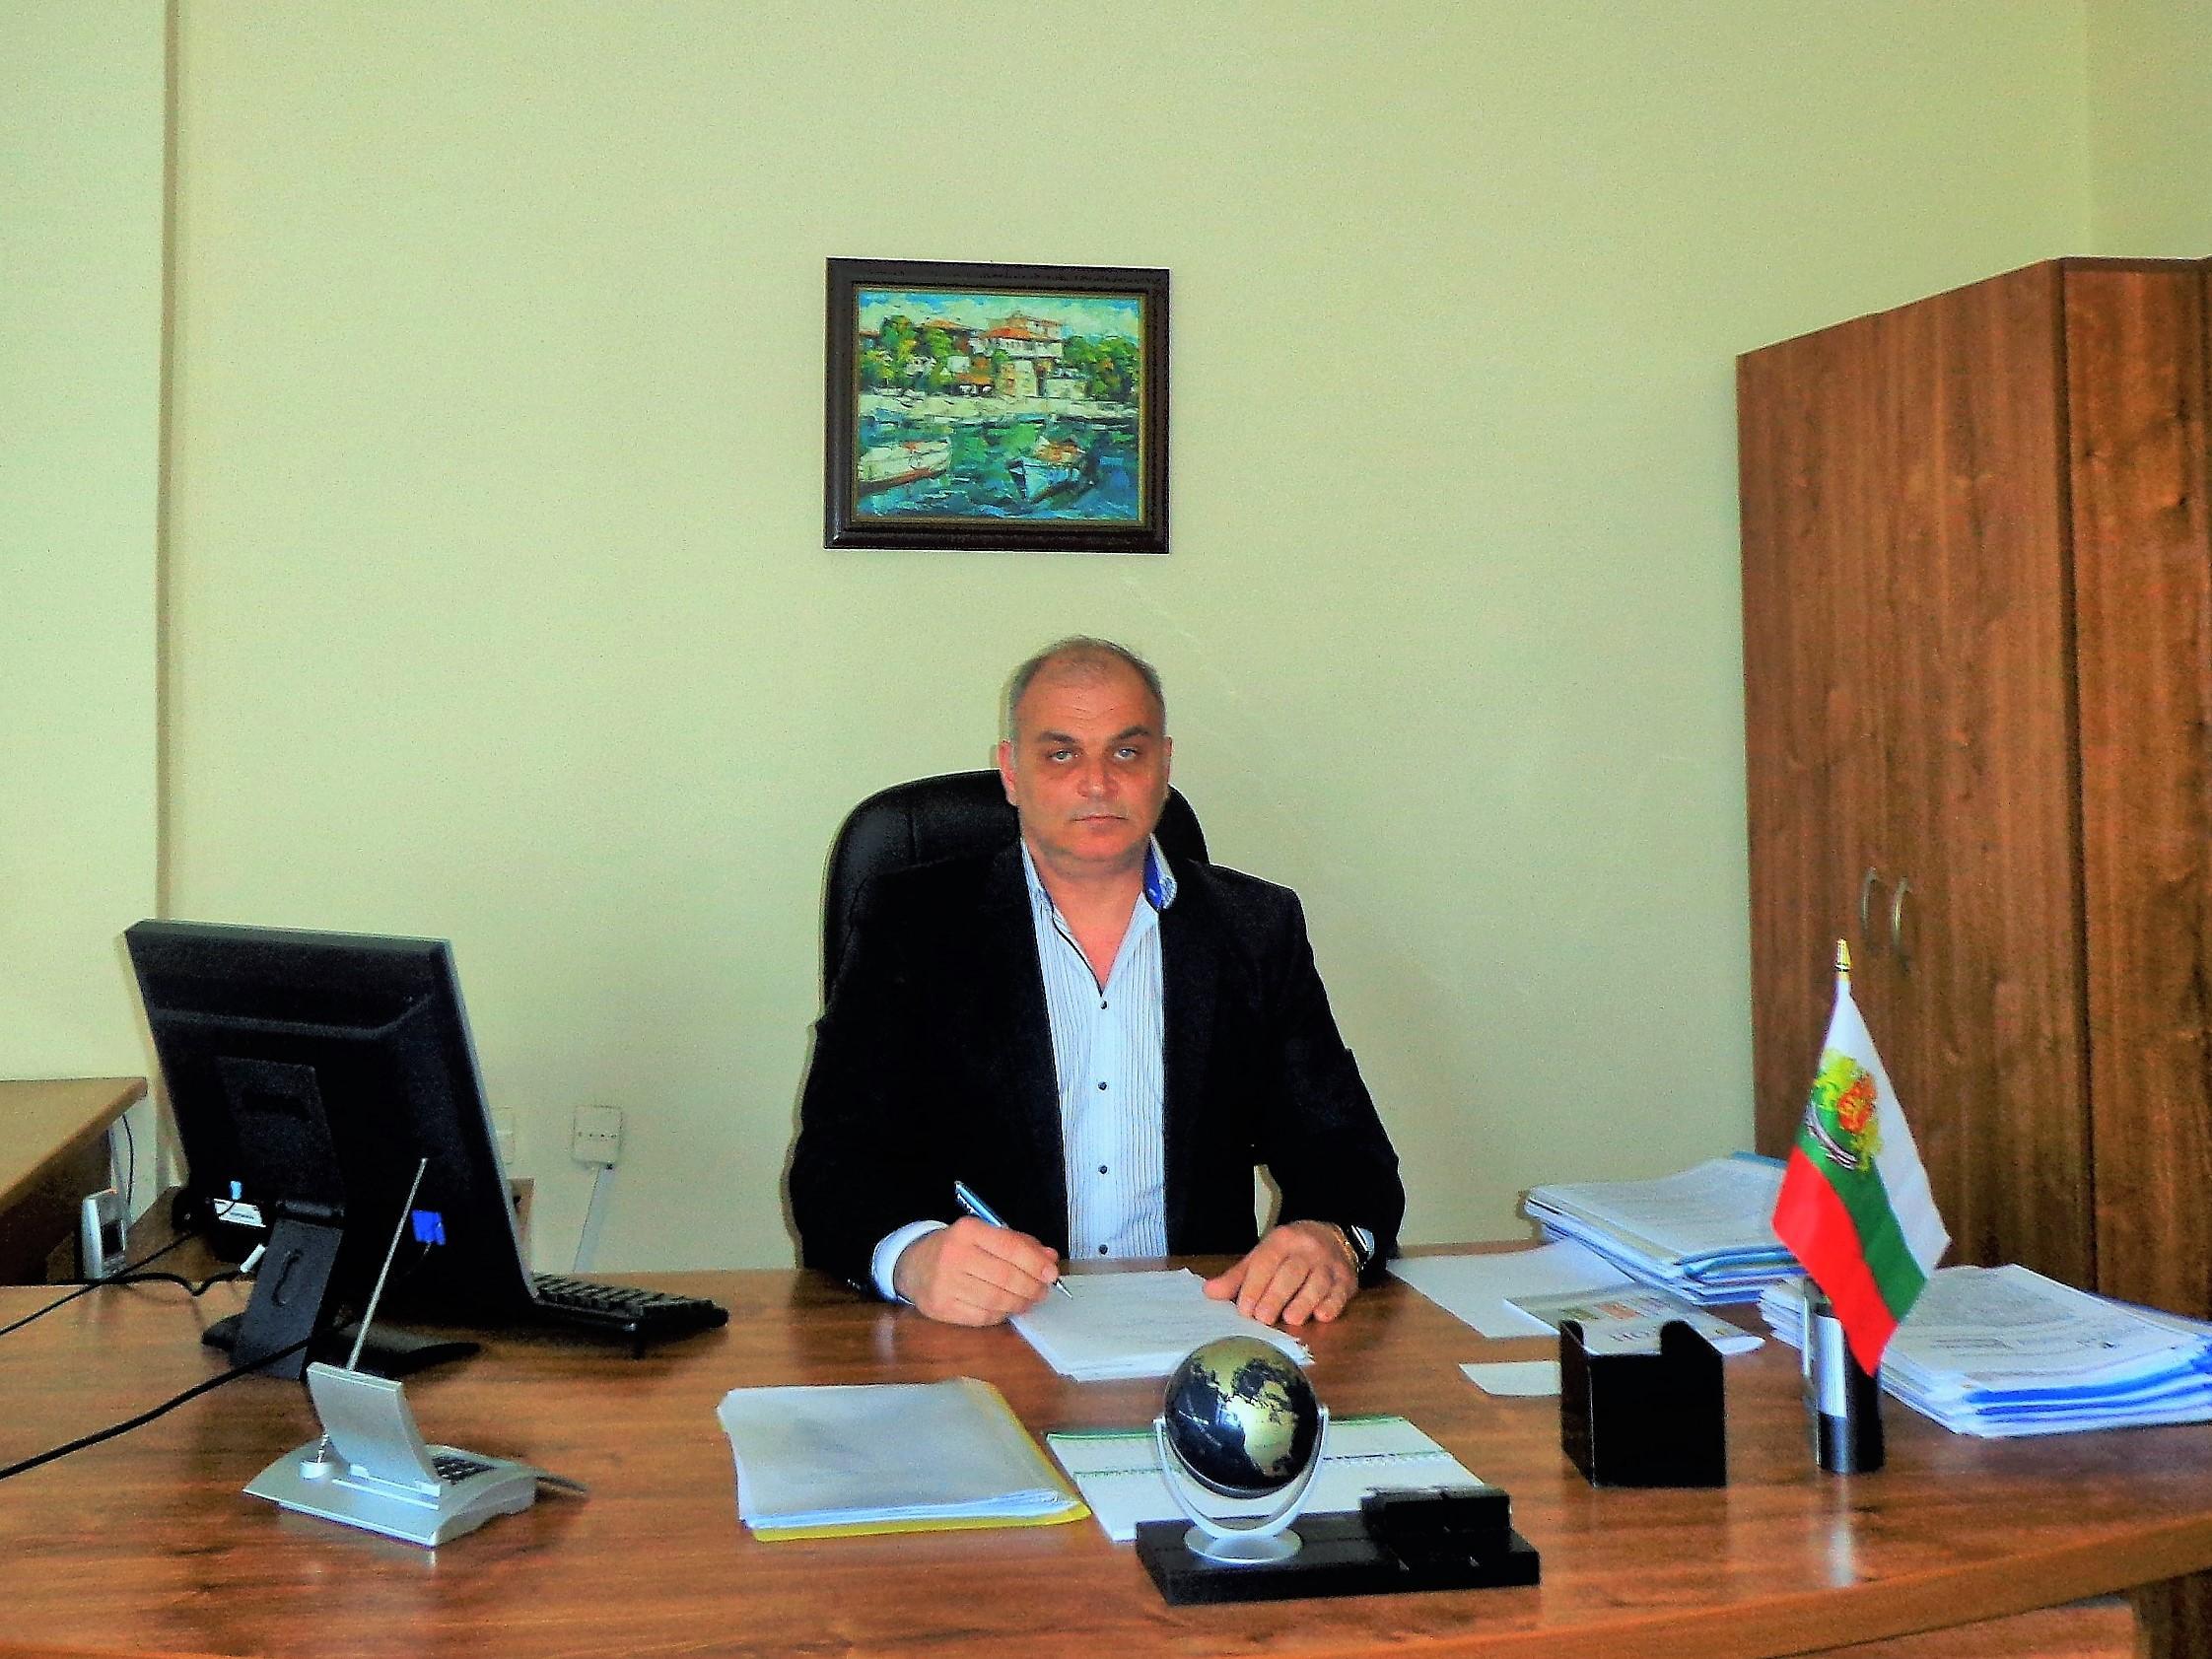 Тодор Стамболиев: Омбудсманът е полезна институция за отговорните кметове